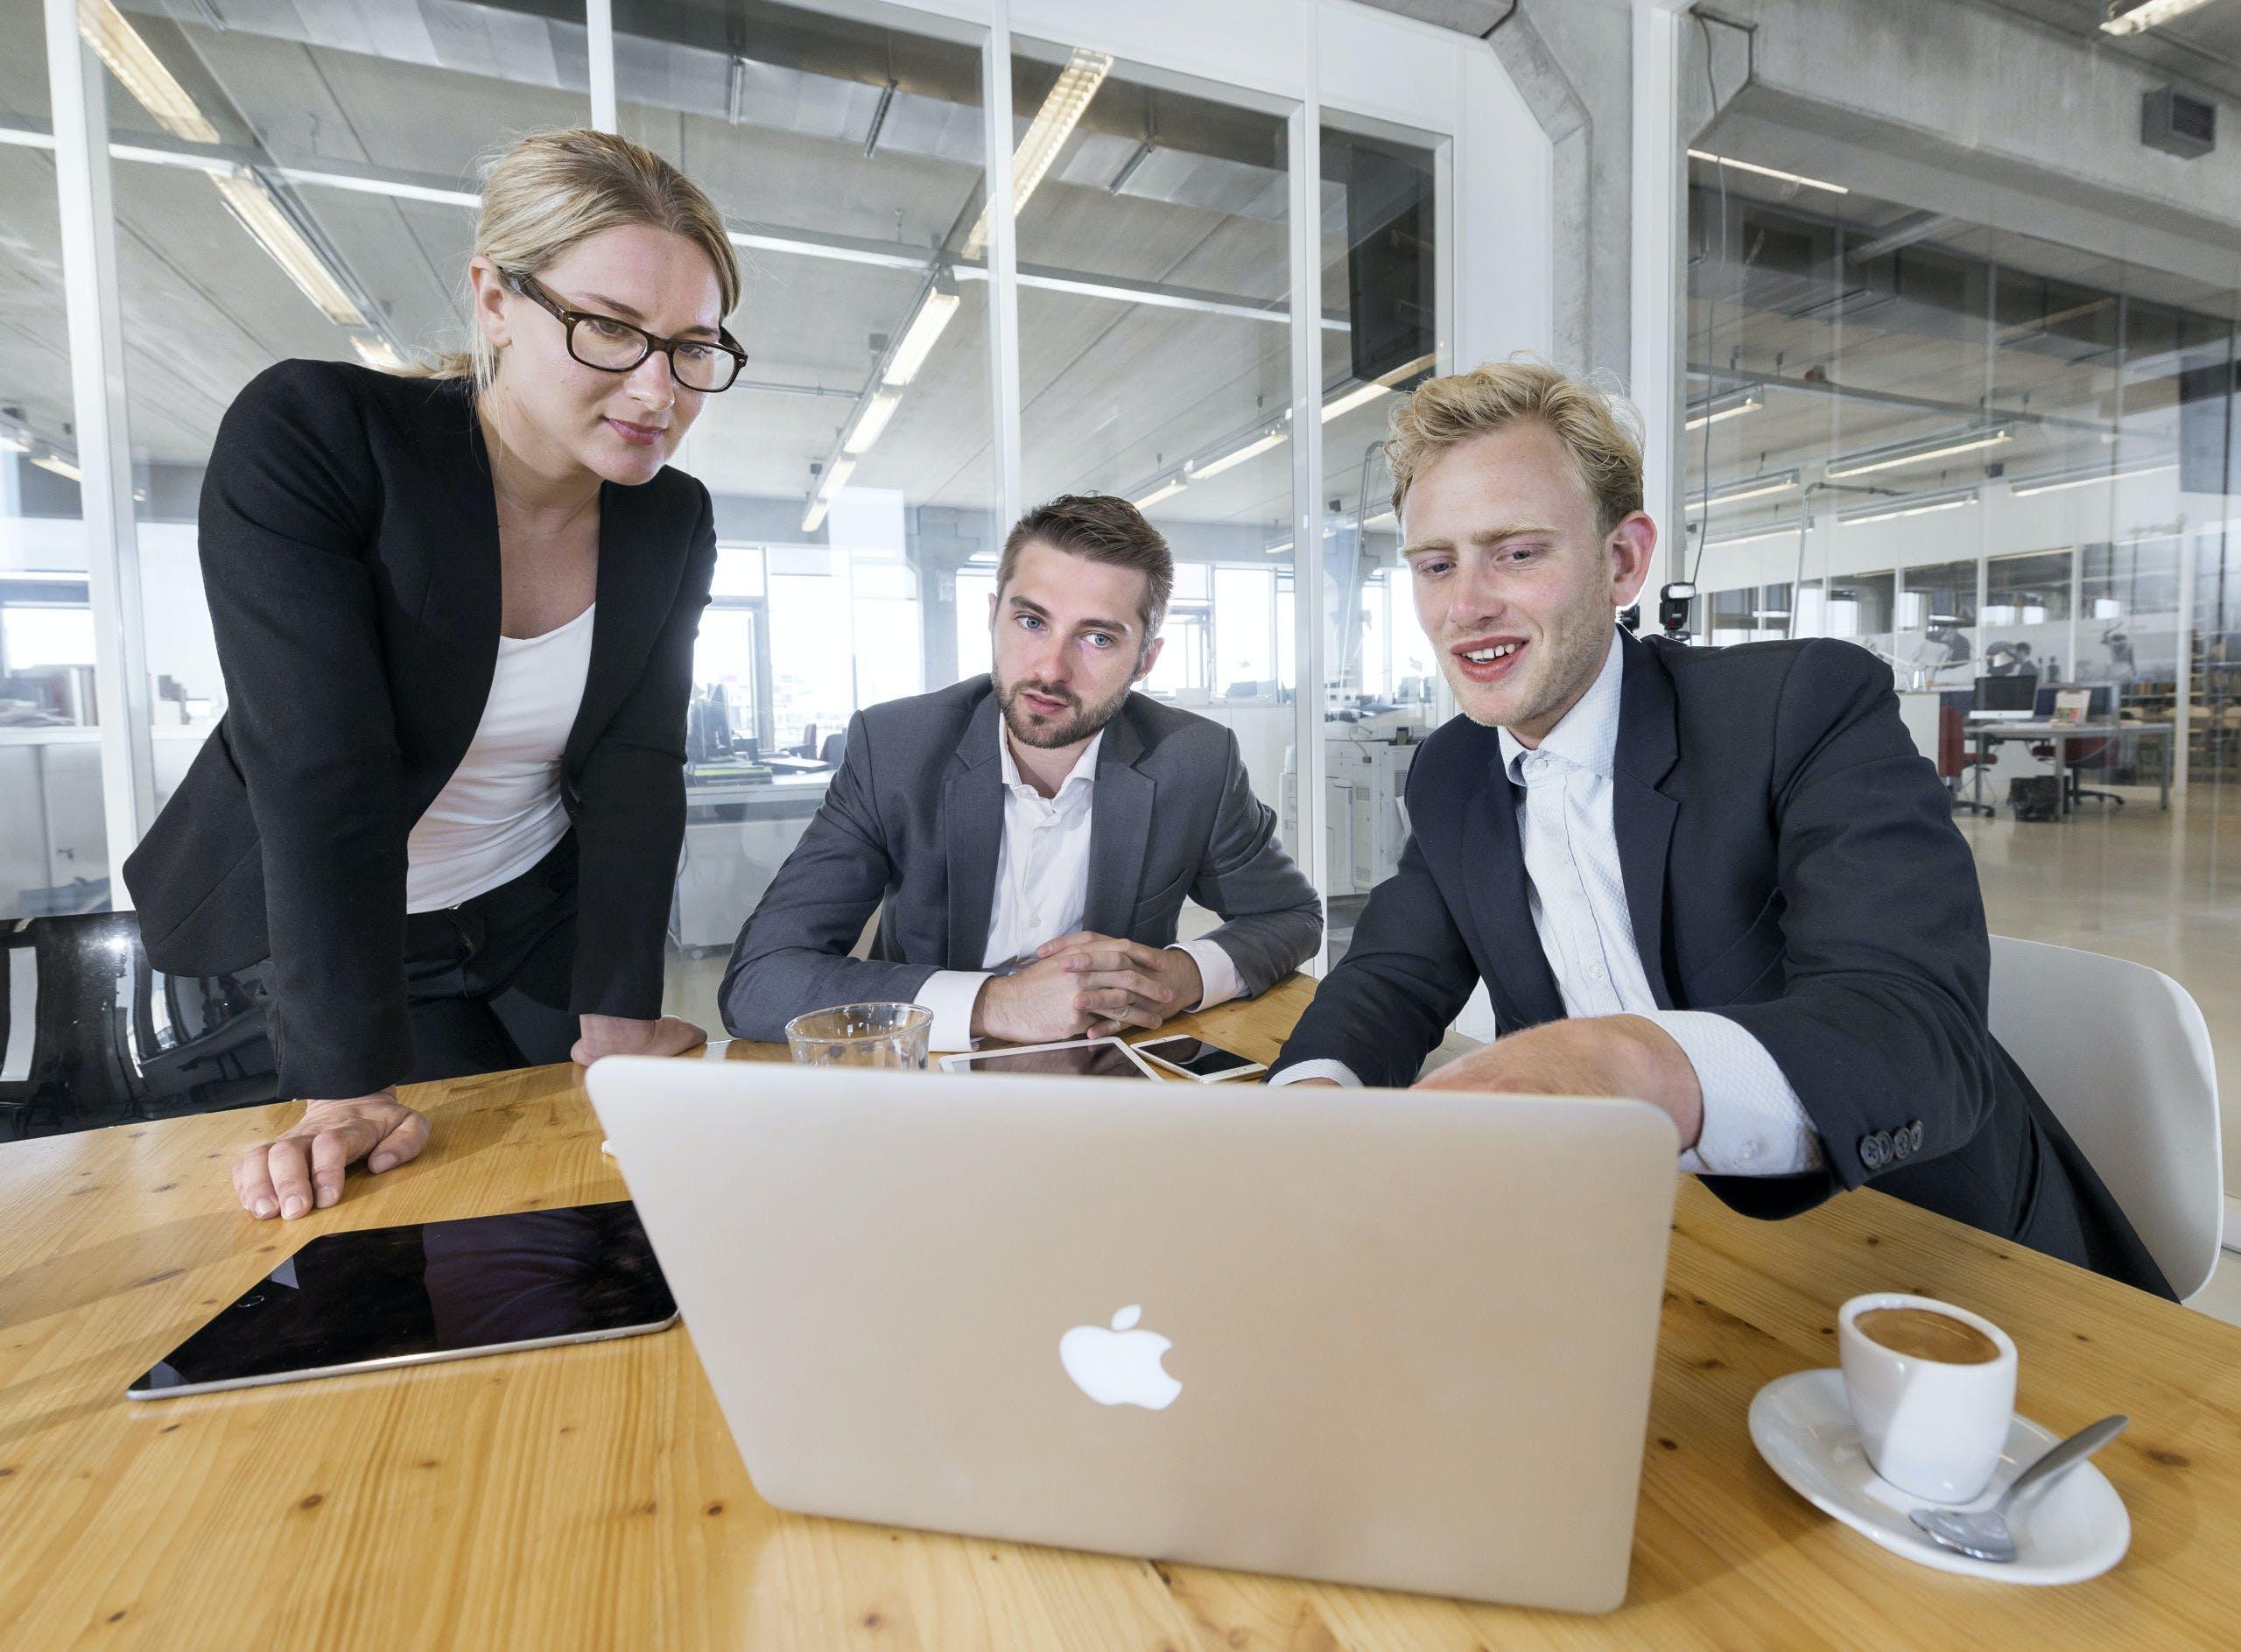 Uitdagend werk en ontwikkeling staan bij millennials voorop